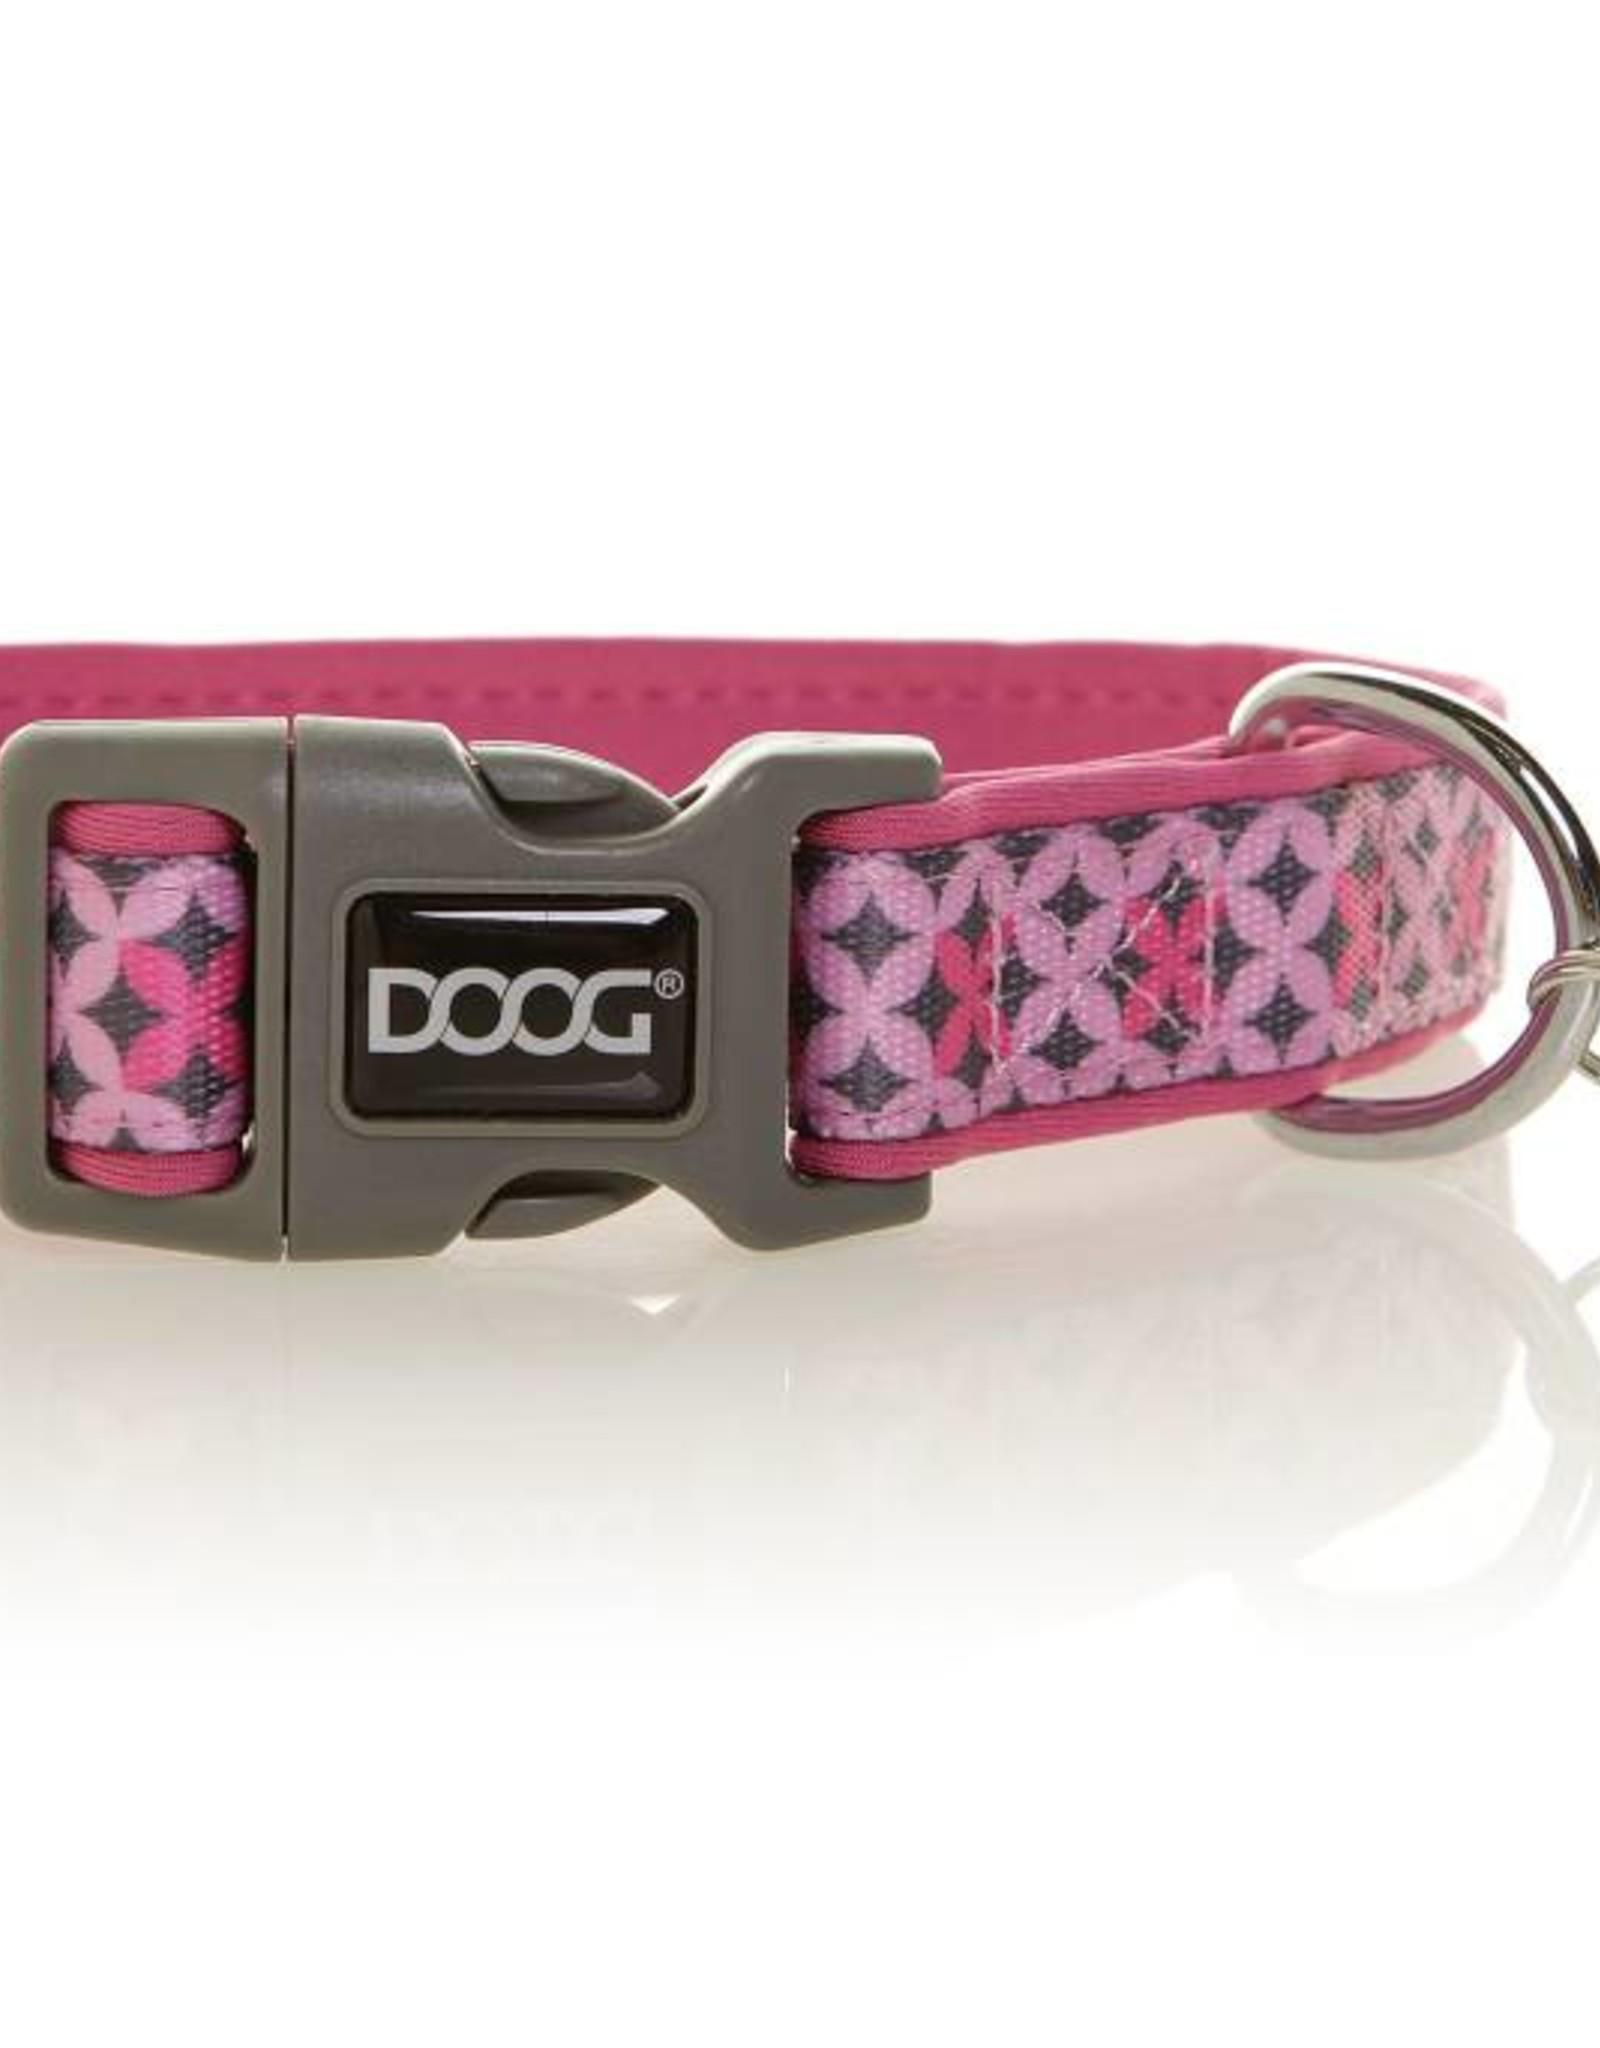 DOOG Doog | Dog Collar - Toto